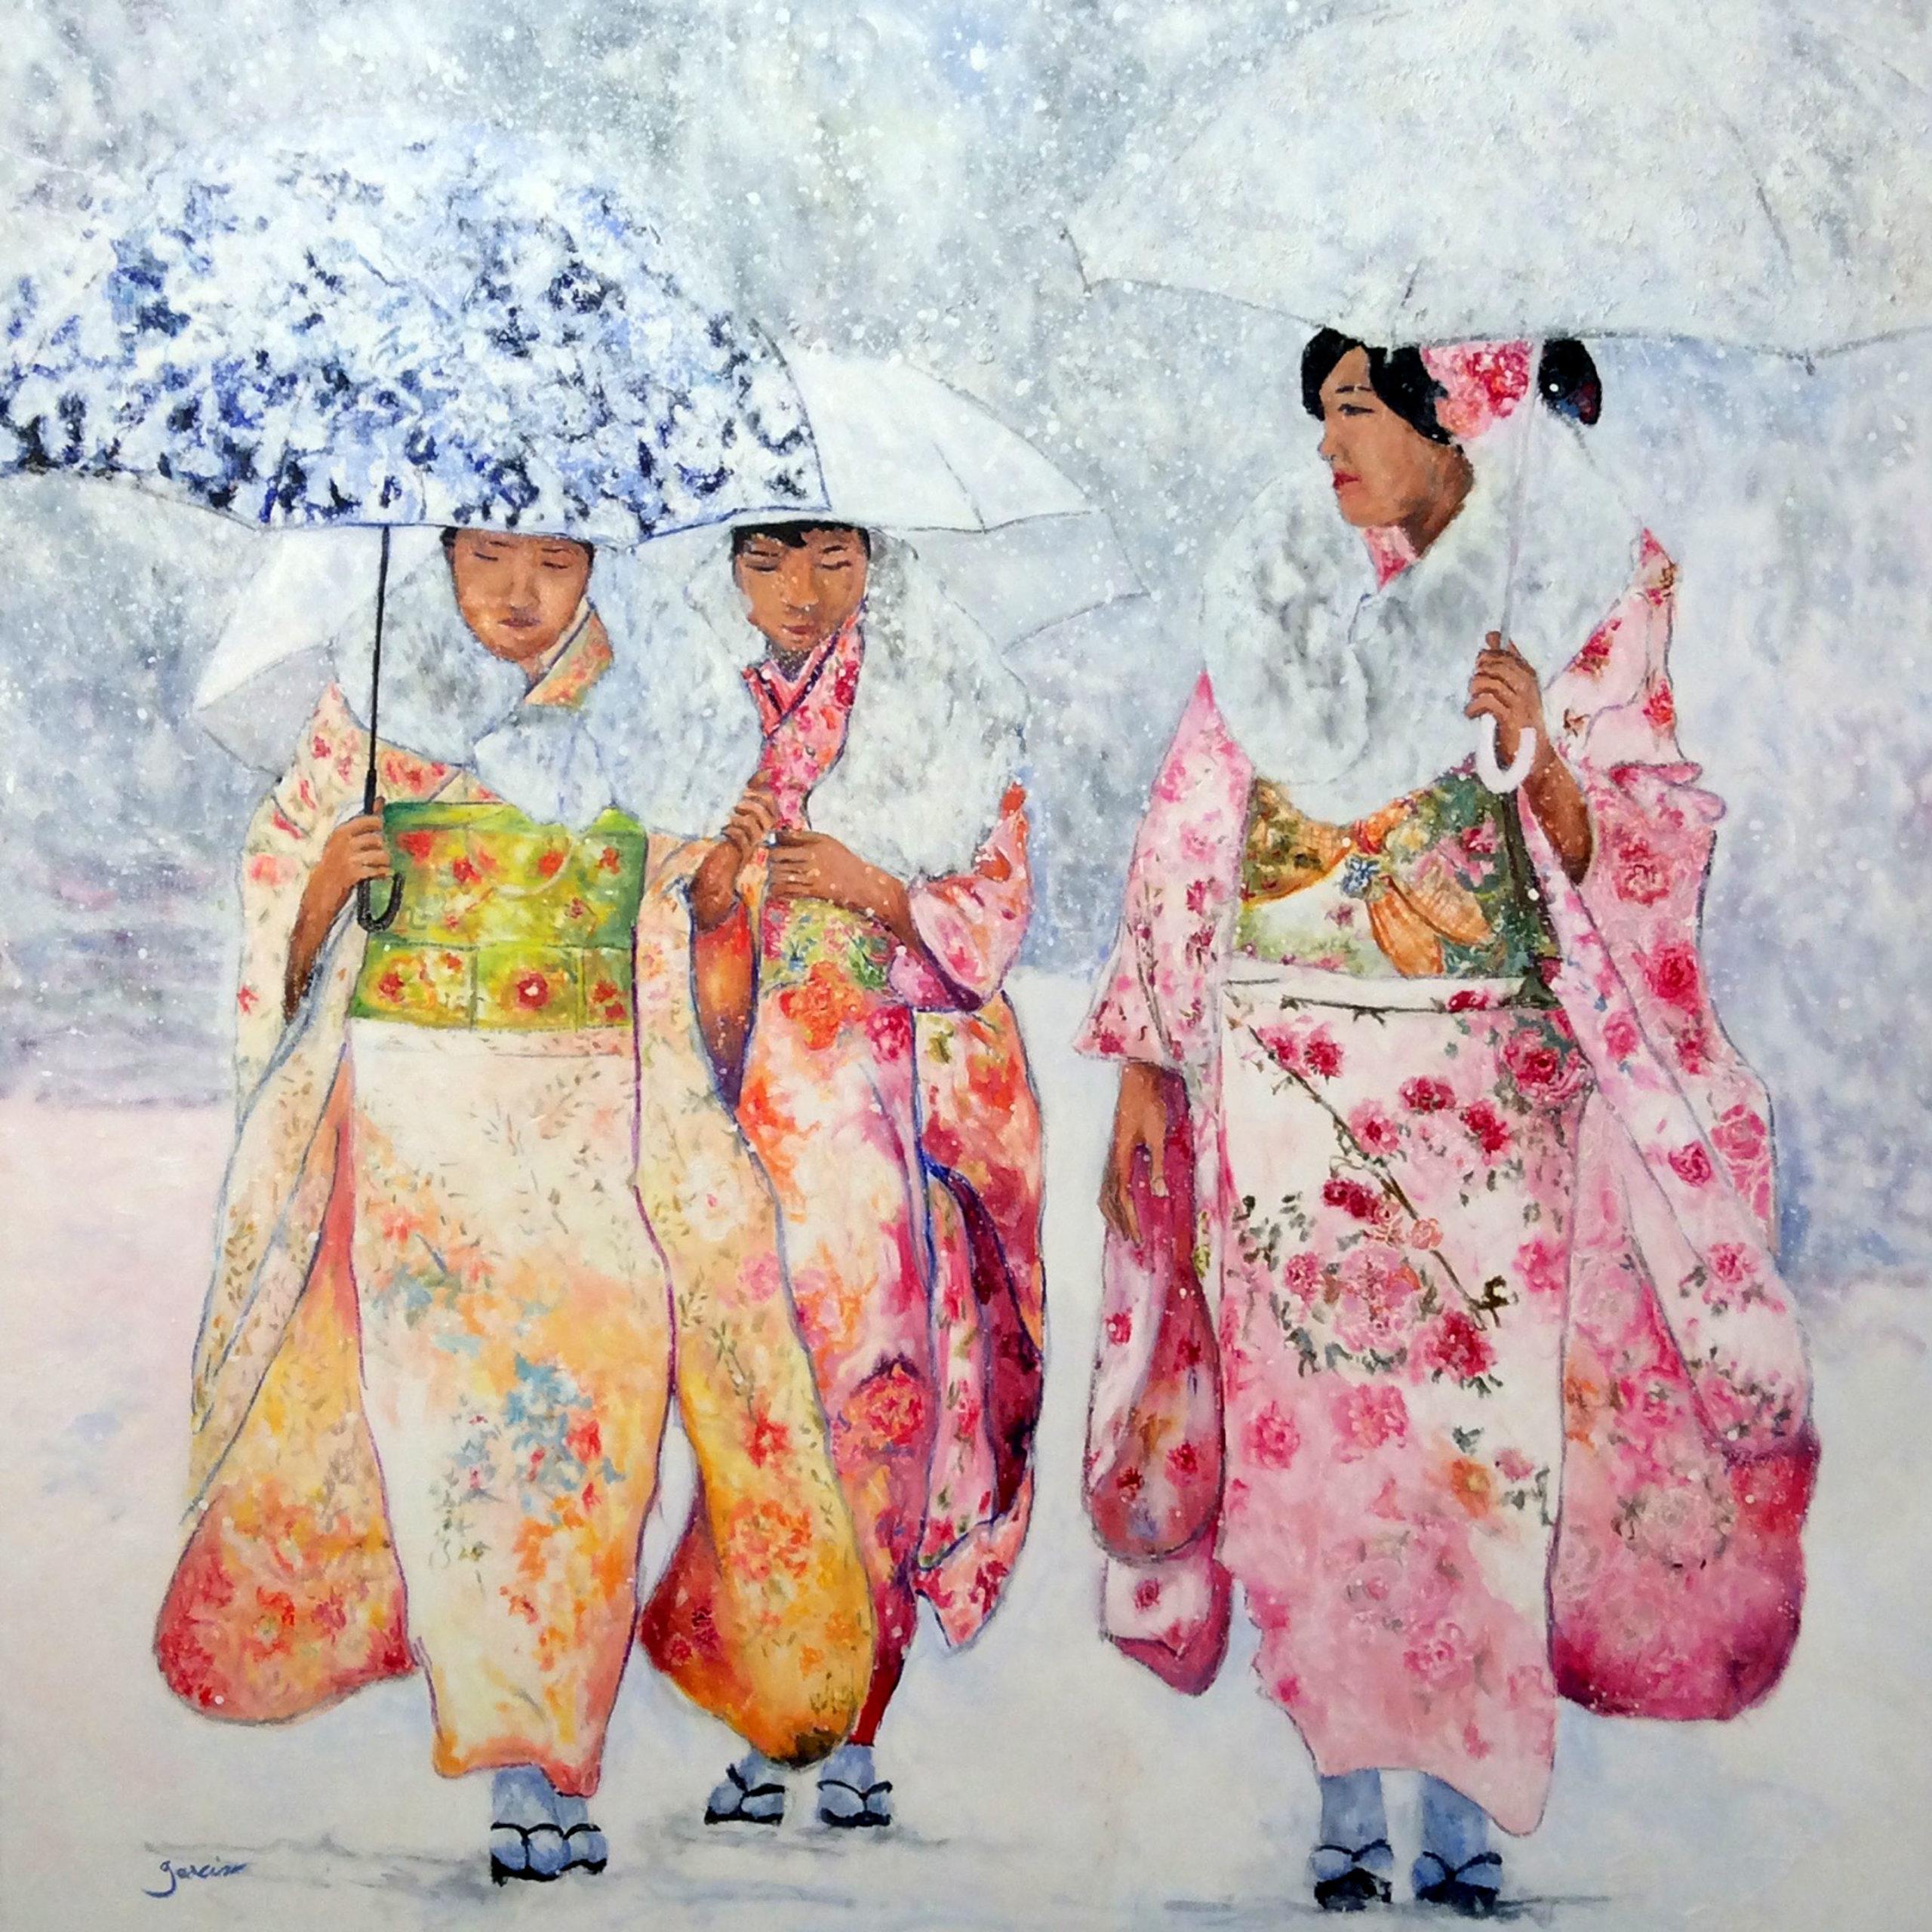 3 Geishas sous la neige, 2017, huile sur toile 120 x 120 cm.